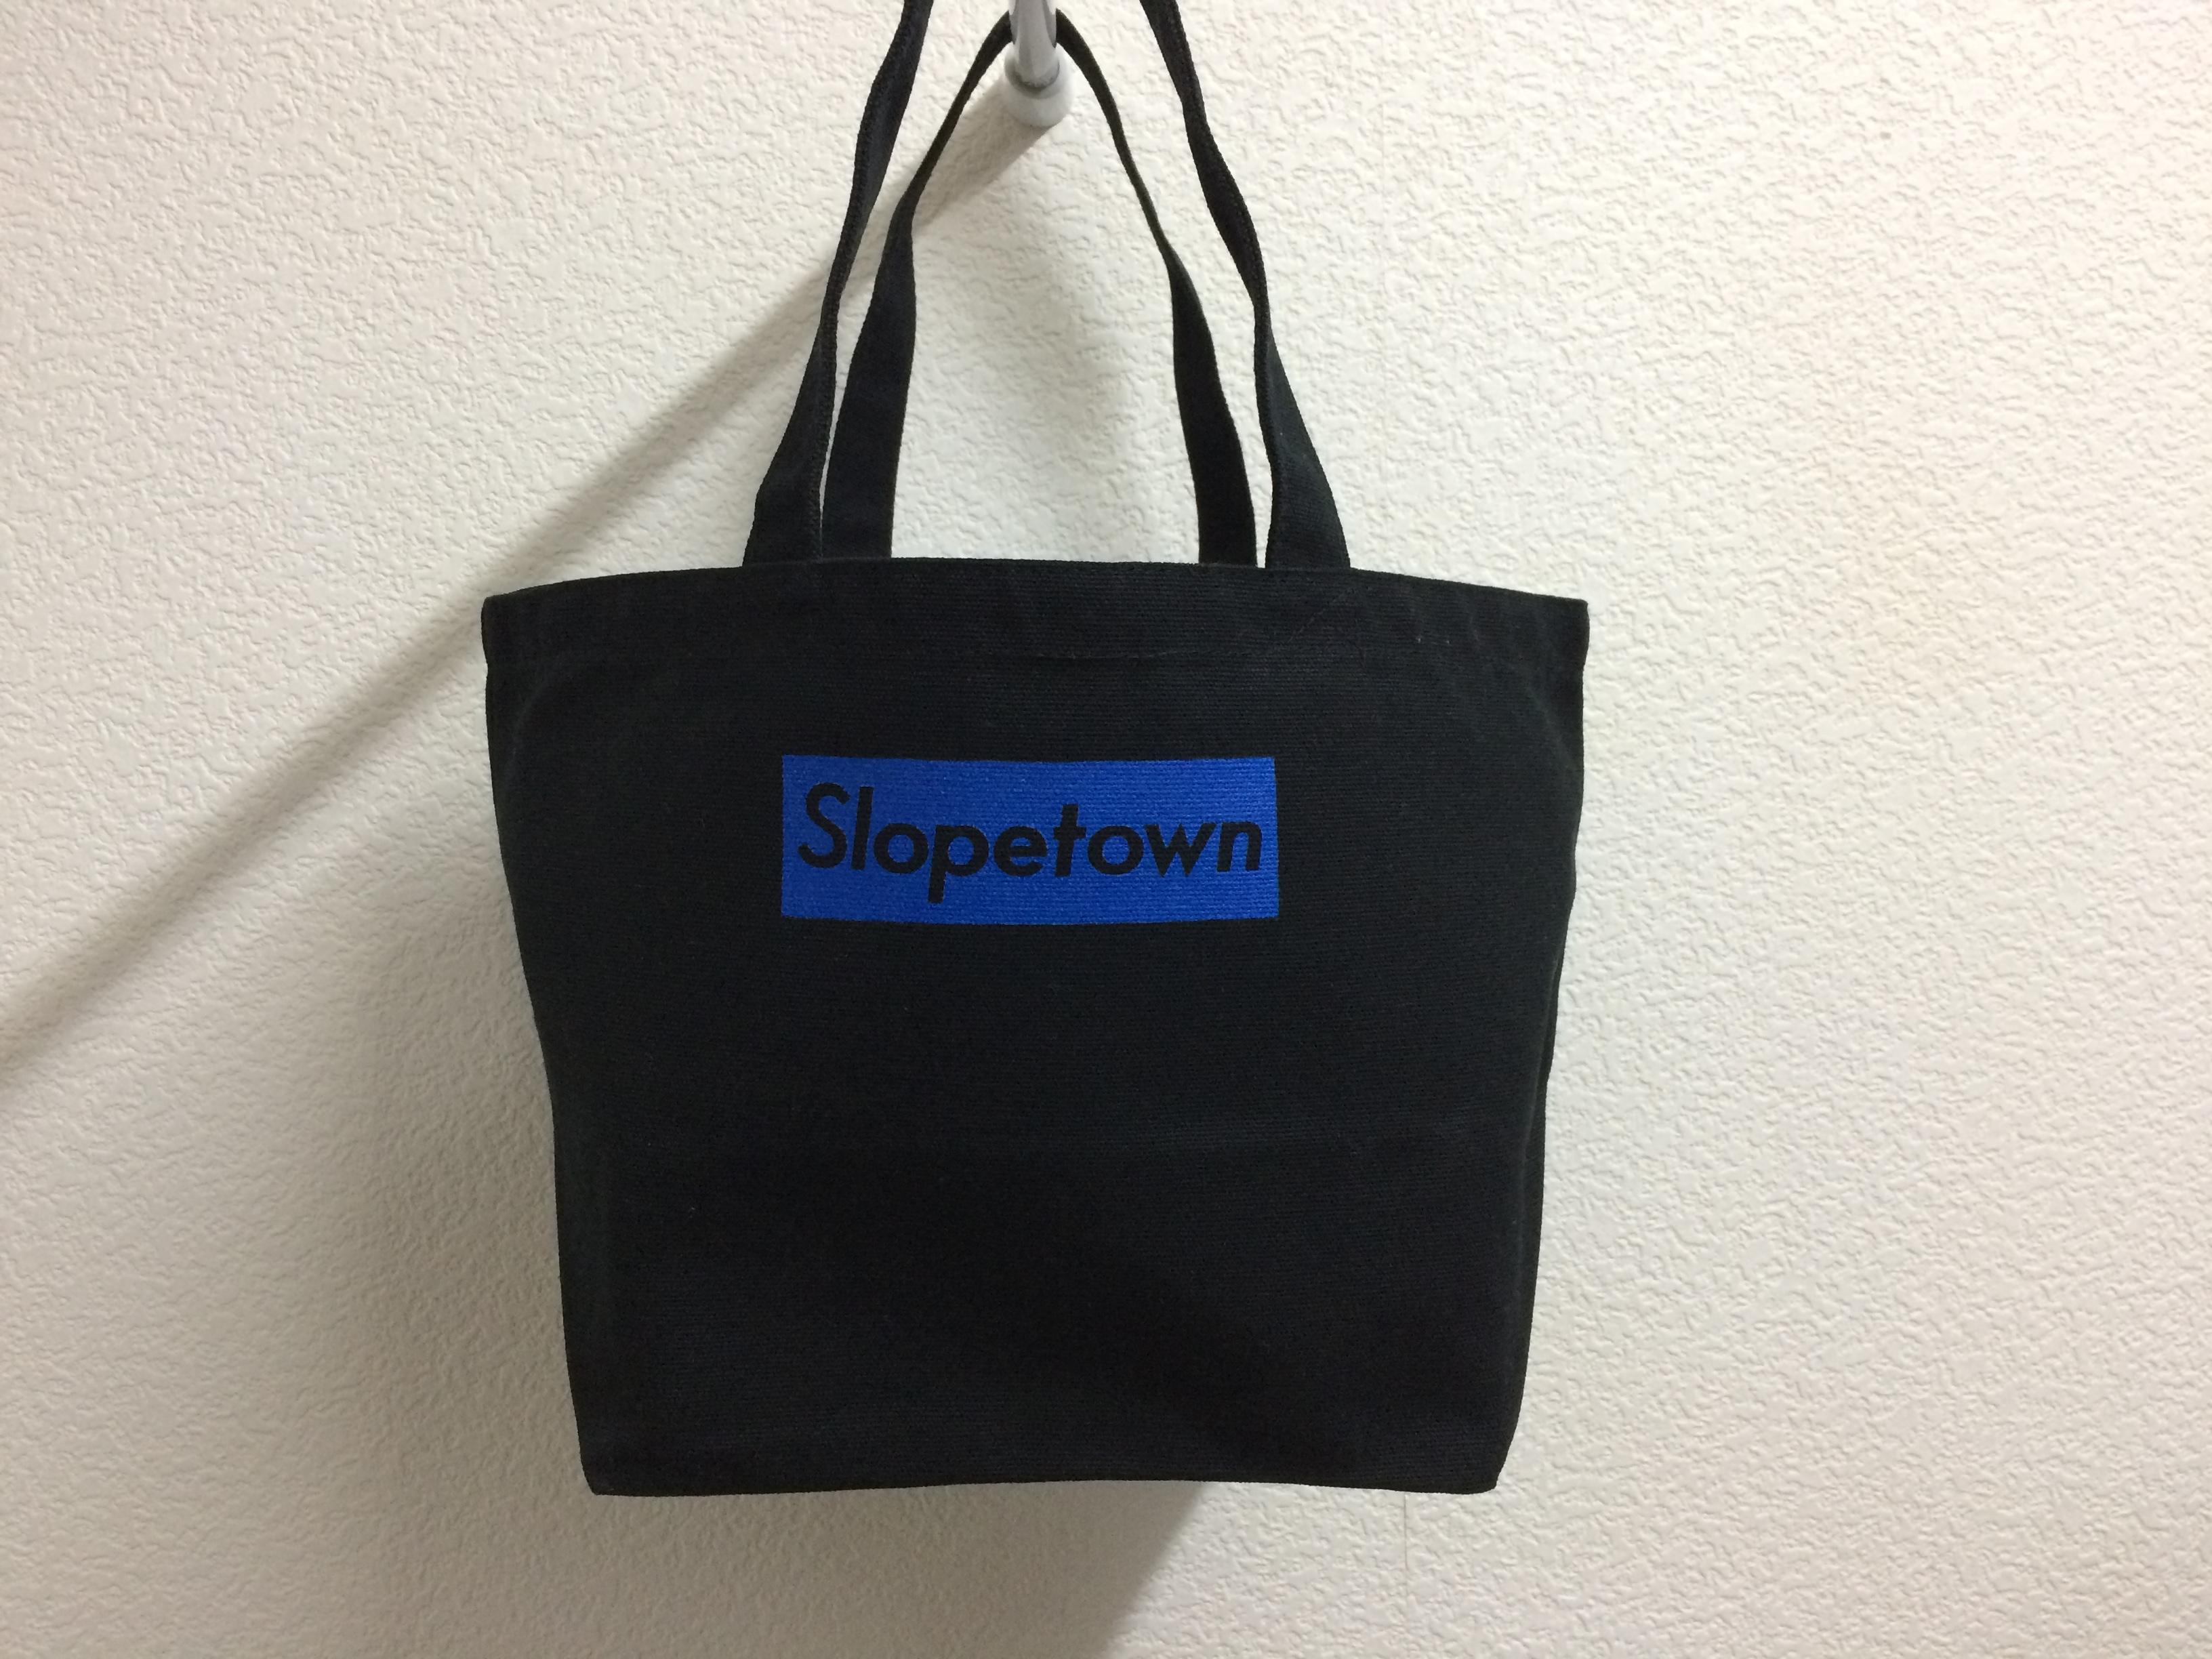 スロープタウンキャンバスバッグ新色ブラックブルー